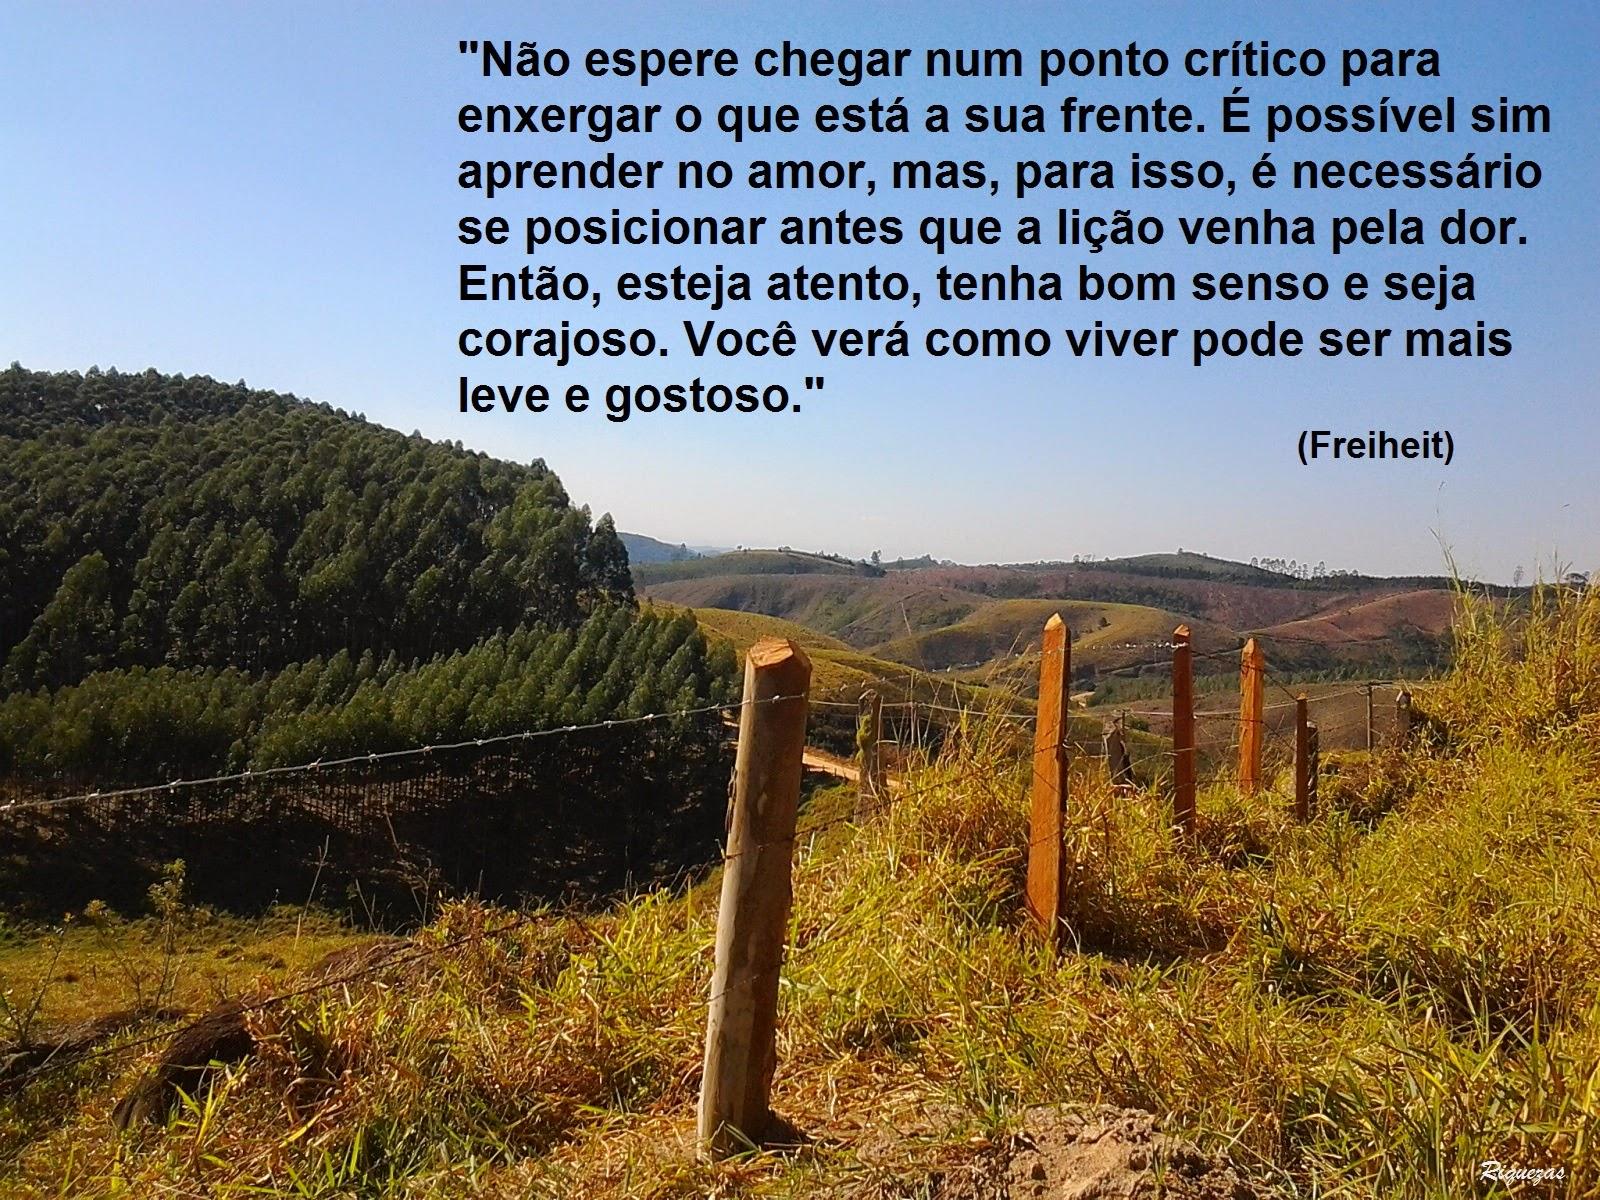 Foto tirada em Guararema